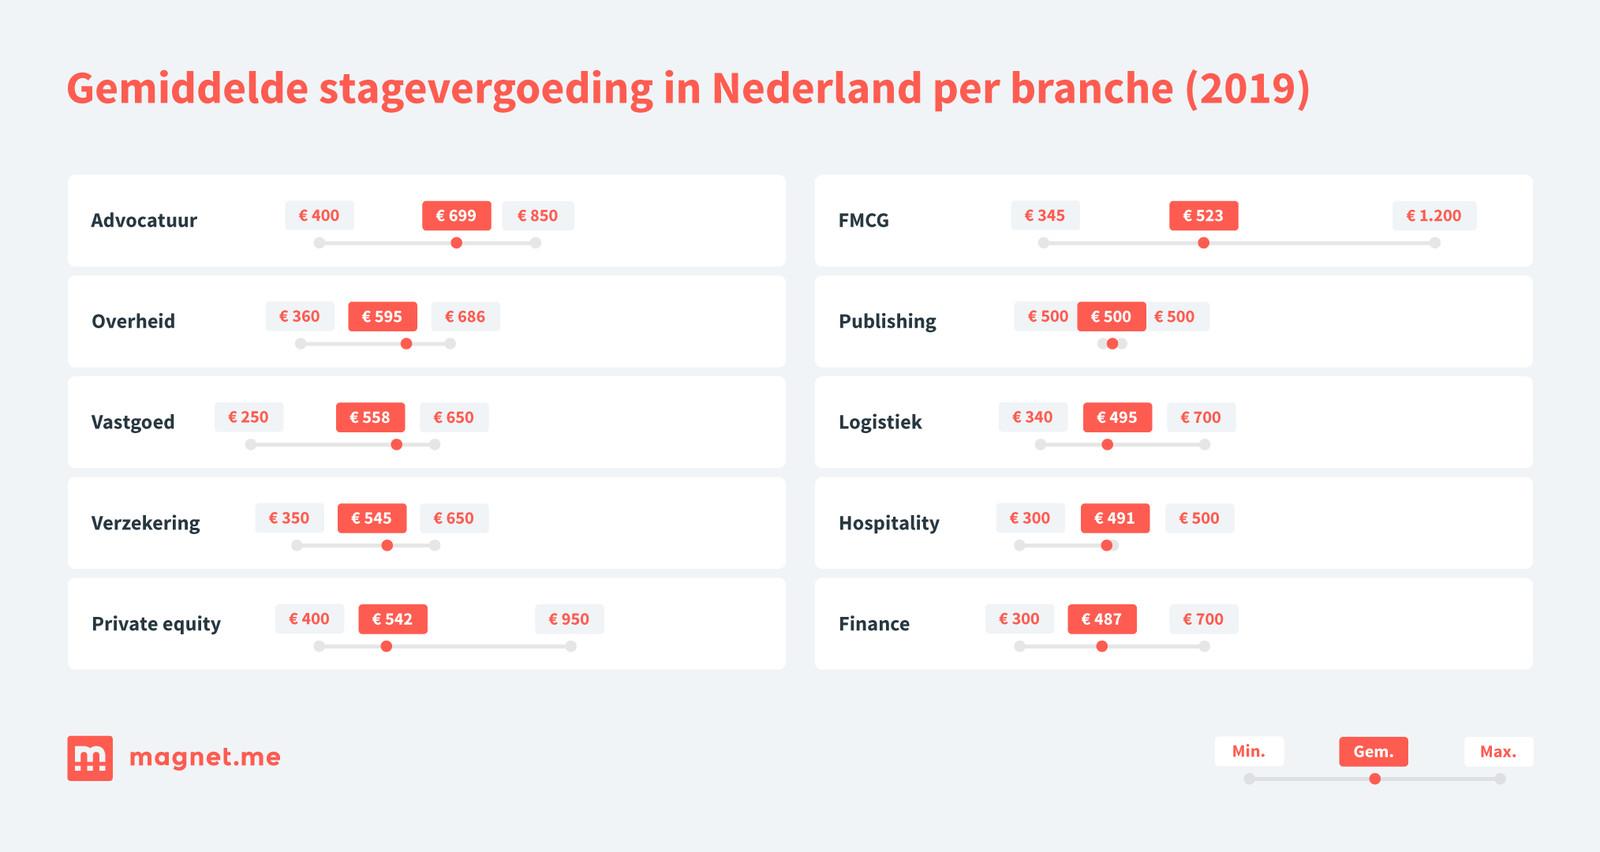 Gemiddelde stagevergoeding in Nederland per branche.